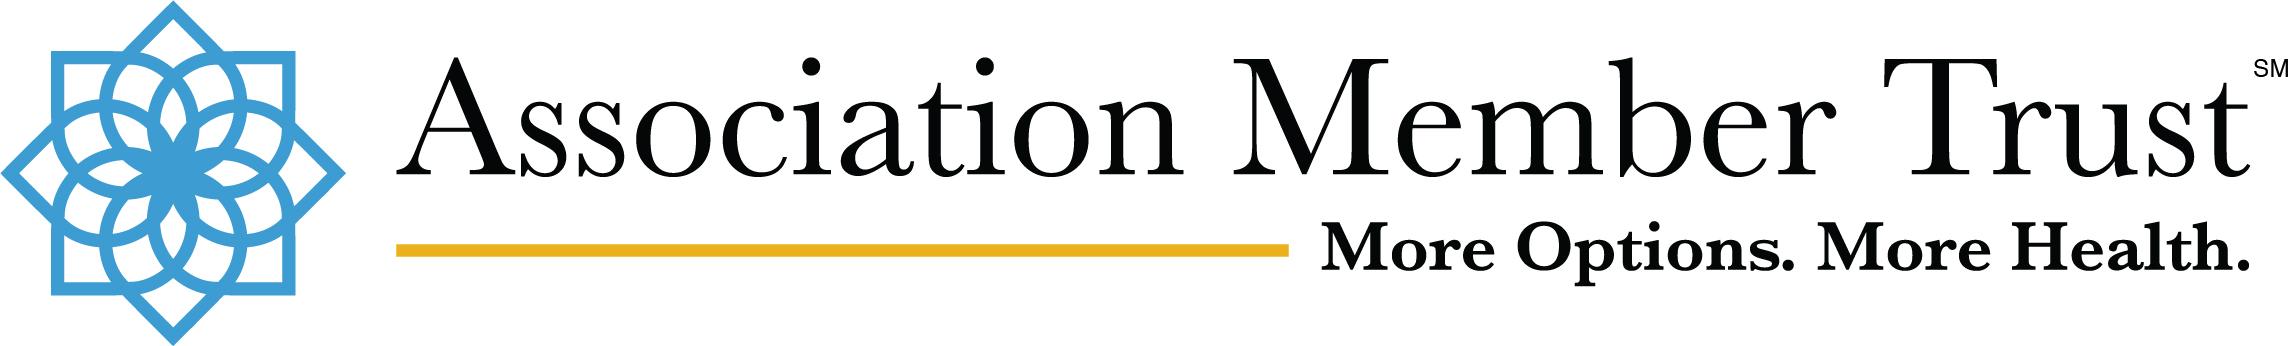 Association Member trust